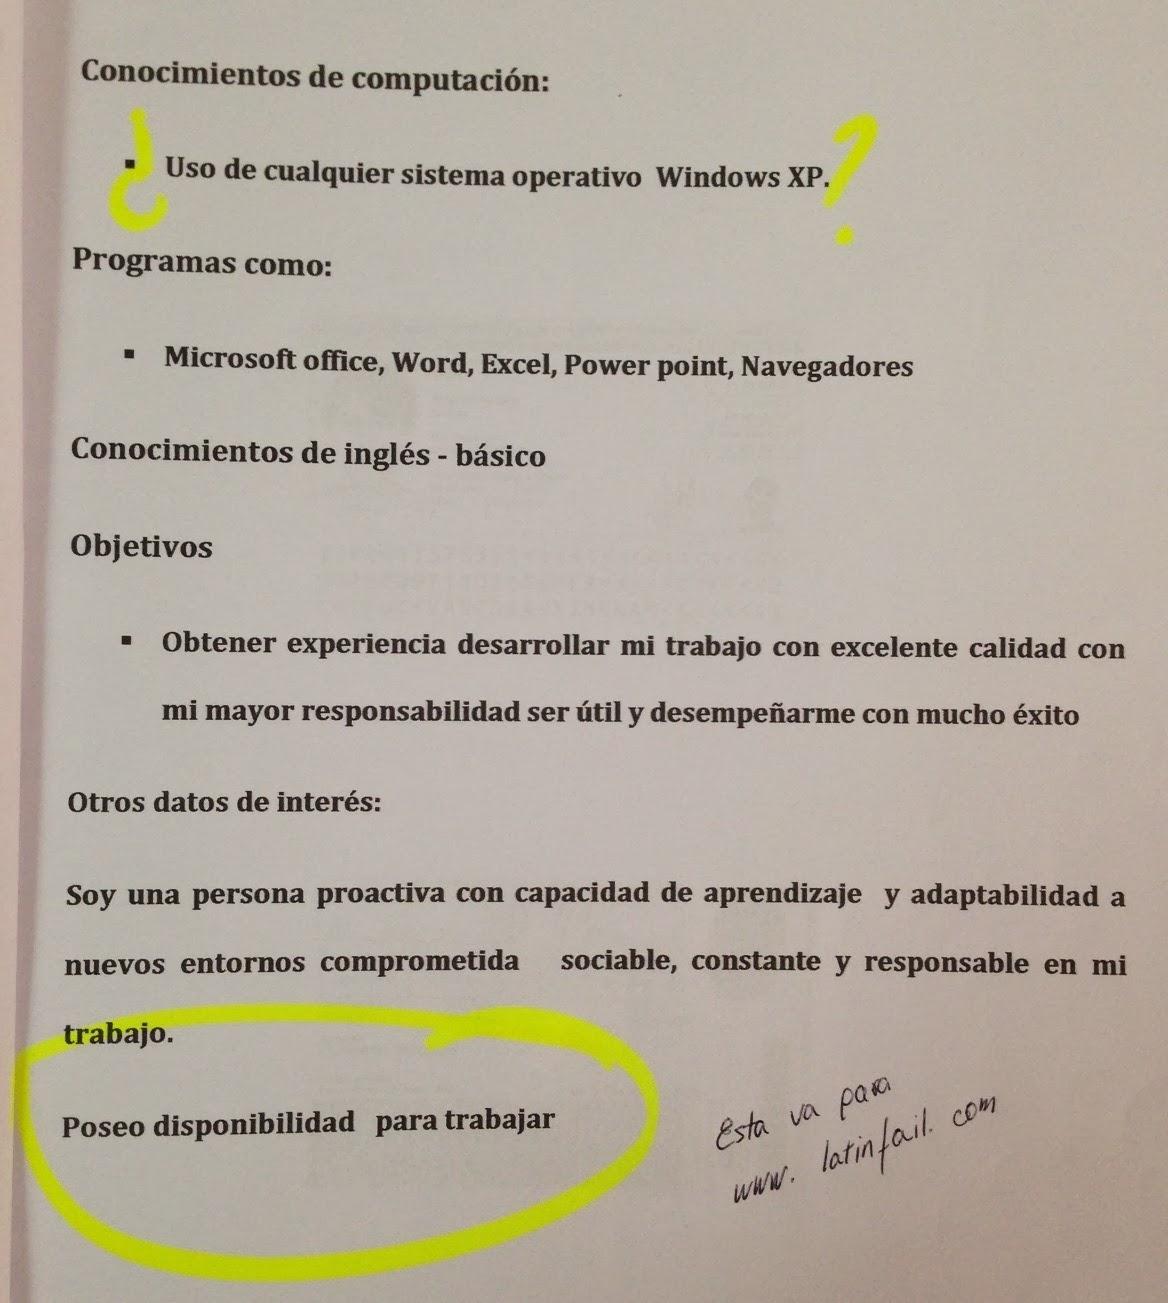 LATINFAIL - FOTOS - HUMOR - RISAS Y MAS: Errores en CV - ¿Por que no ...